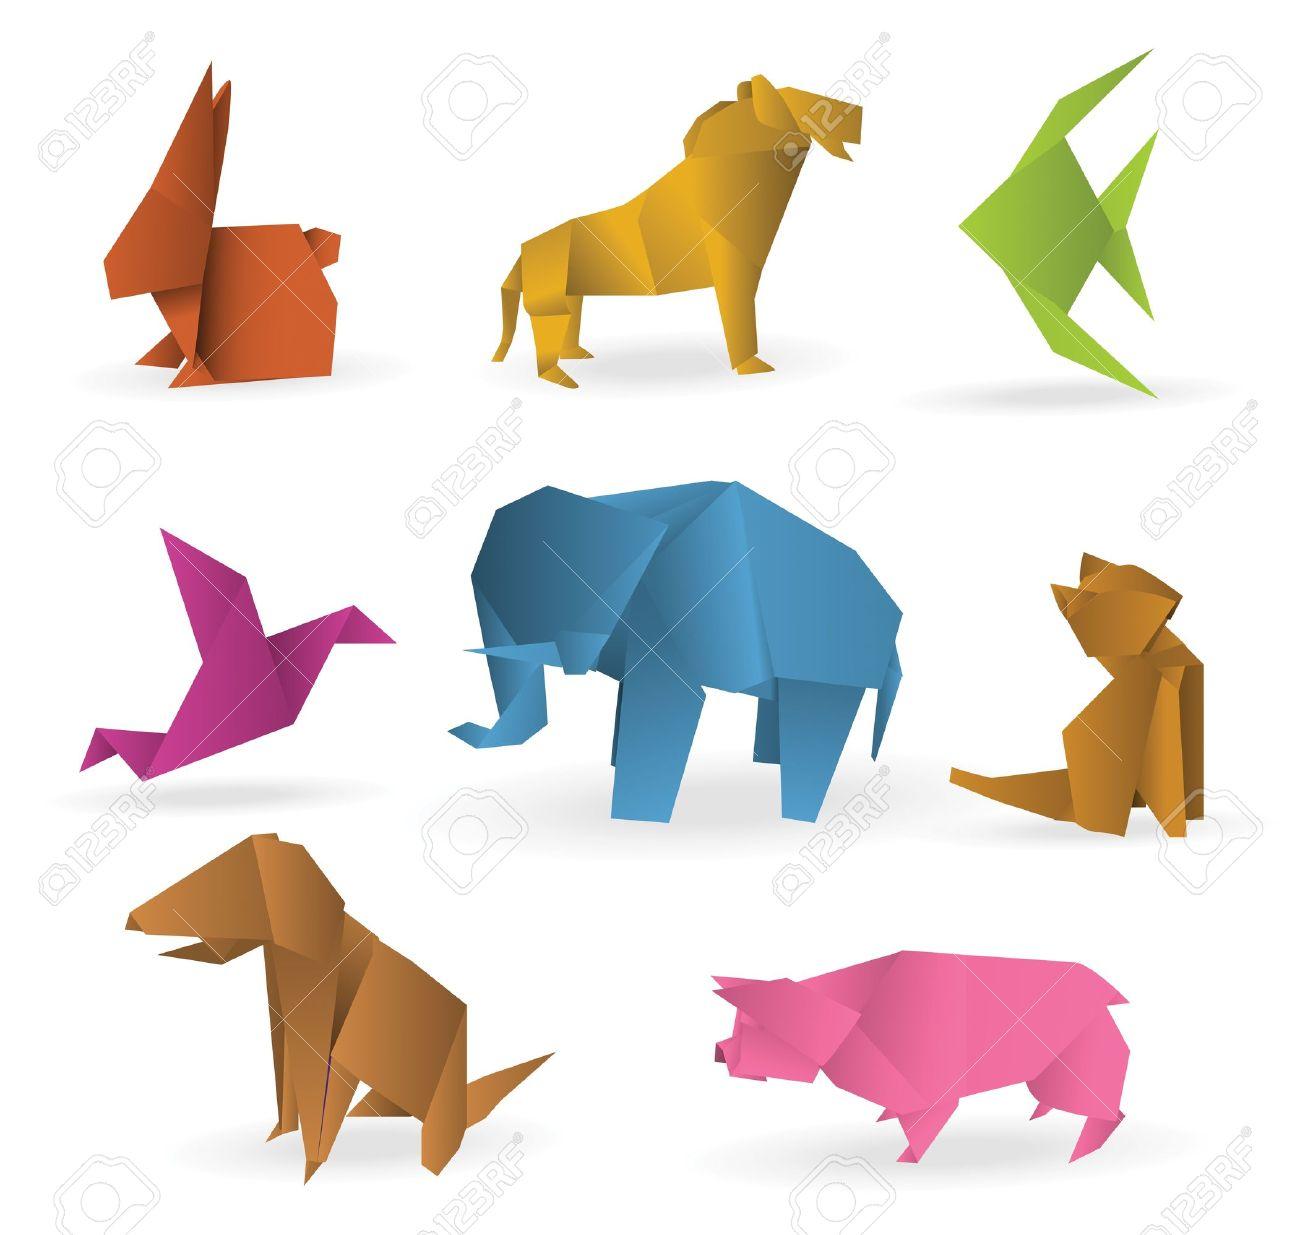 折り紙動物のイラスト素材ベクタ Image 21823178